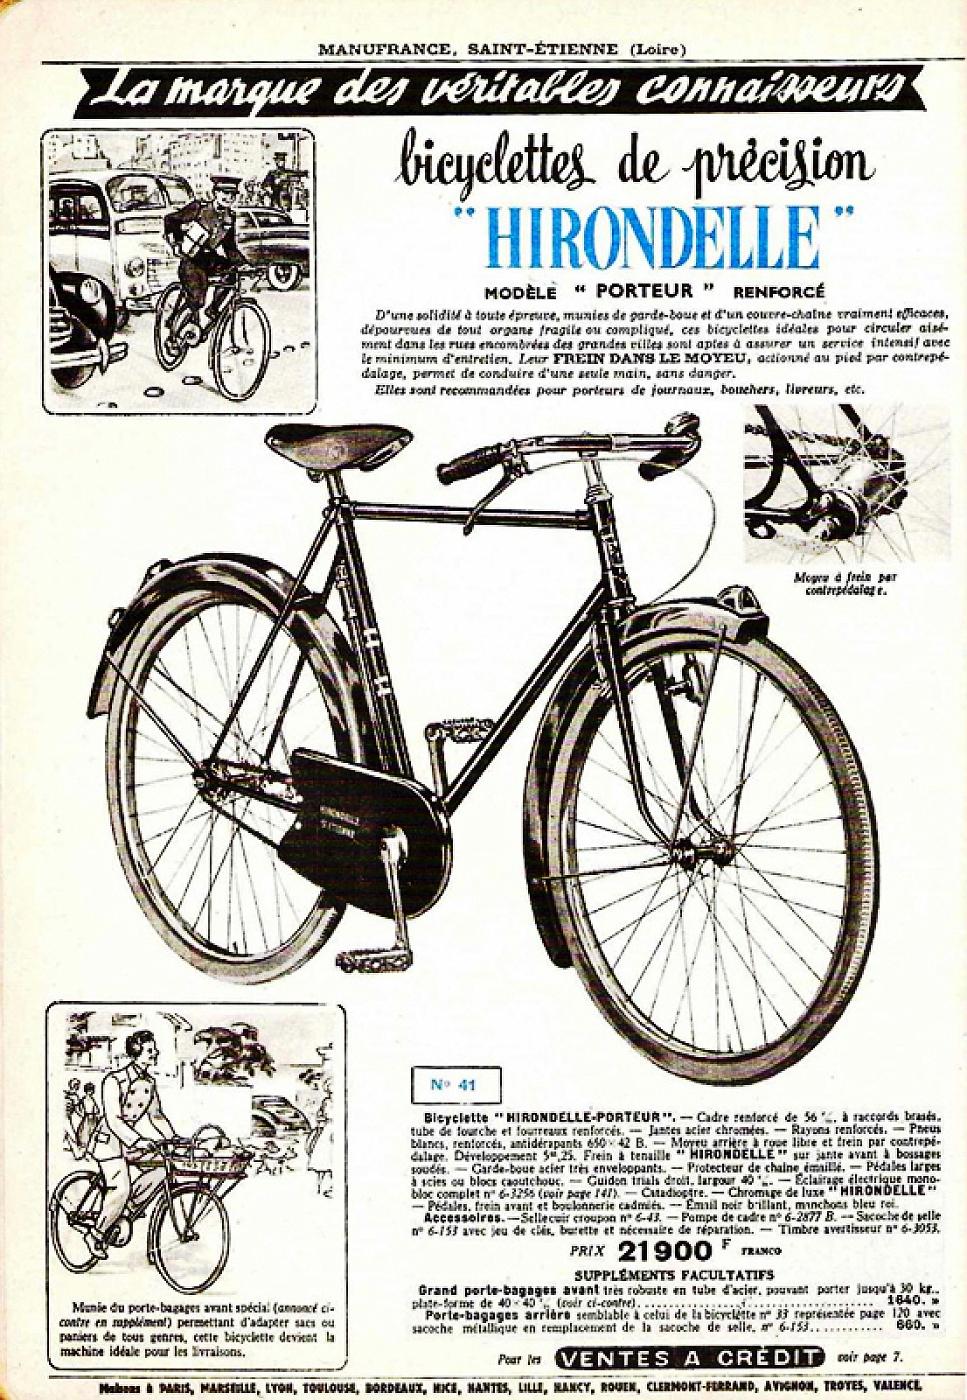 Hirondelle Porteur